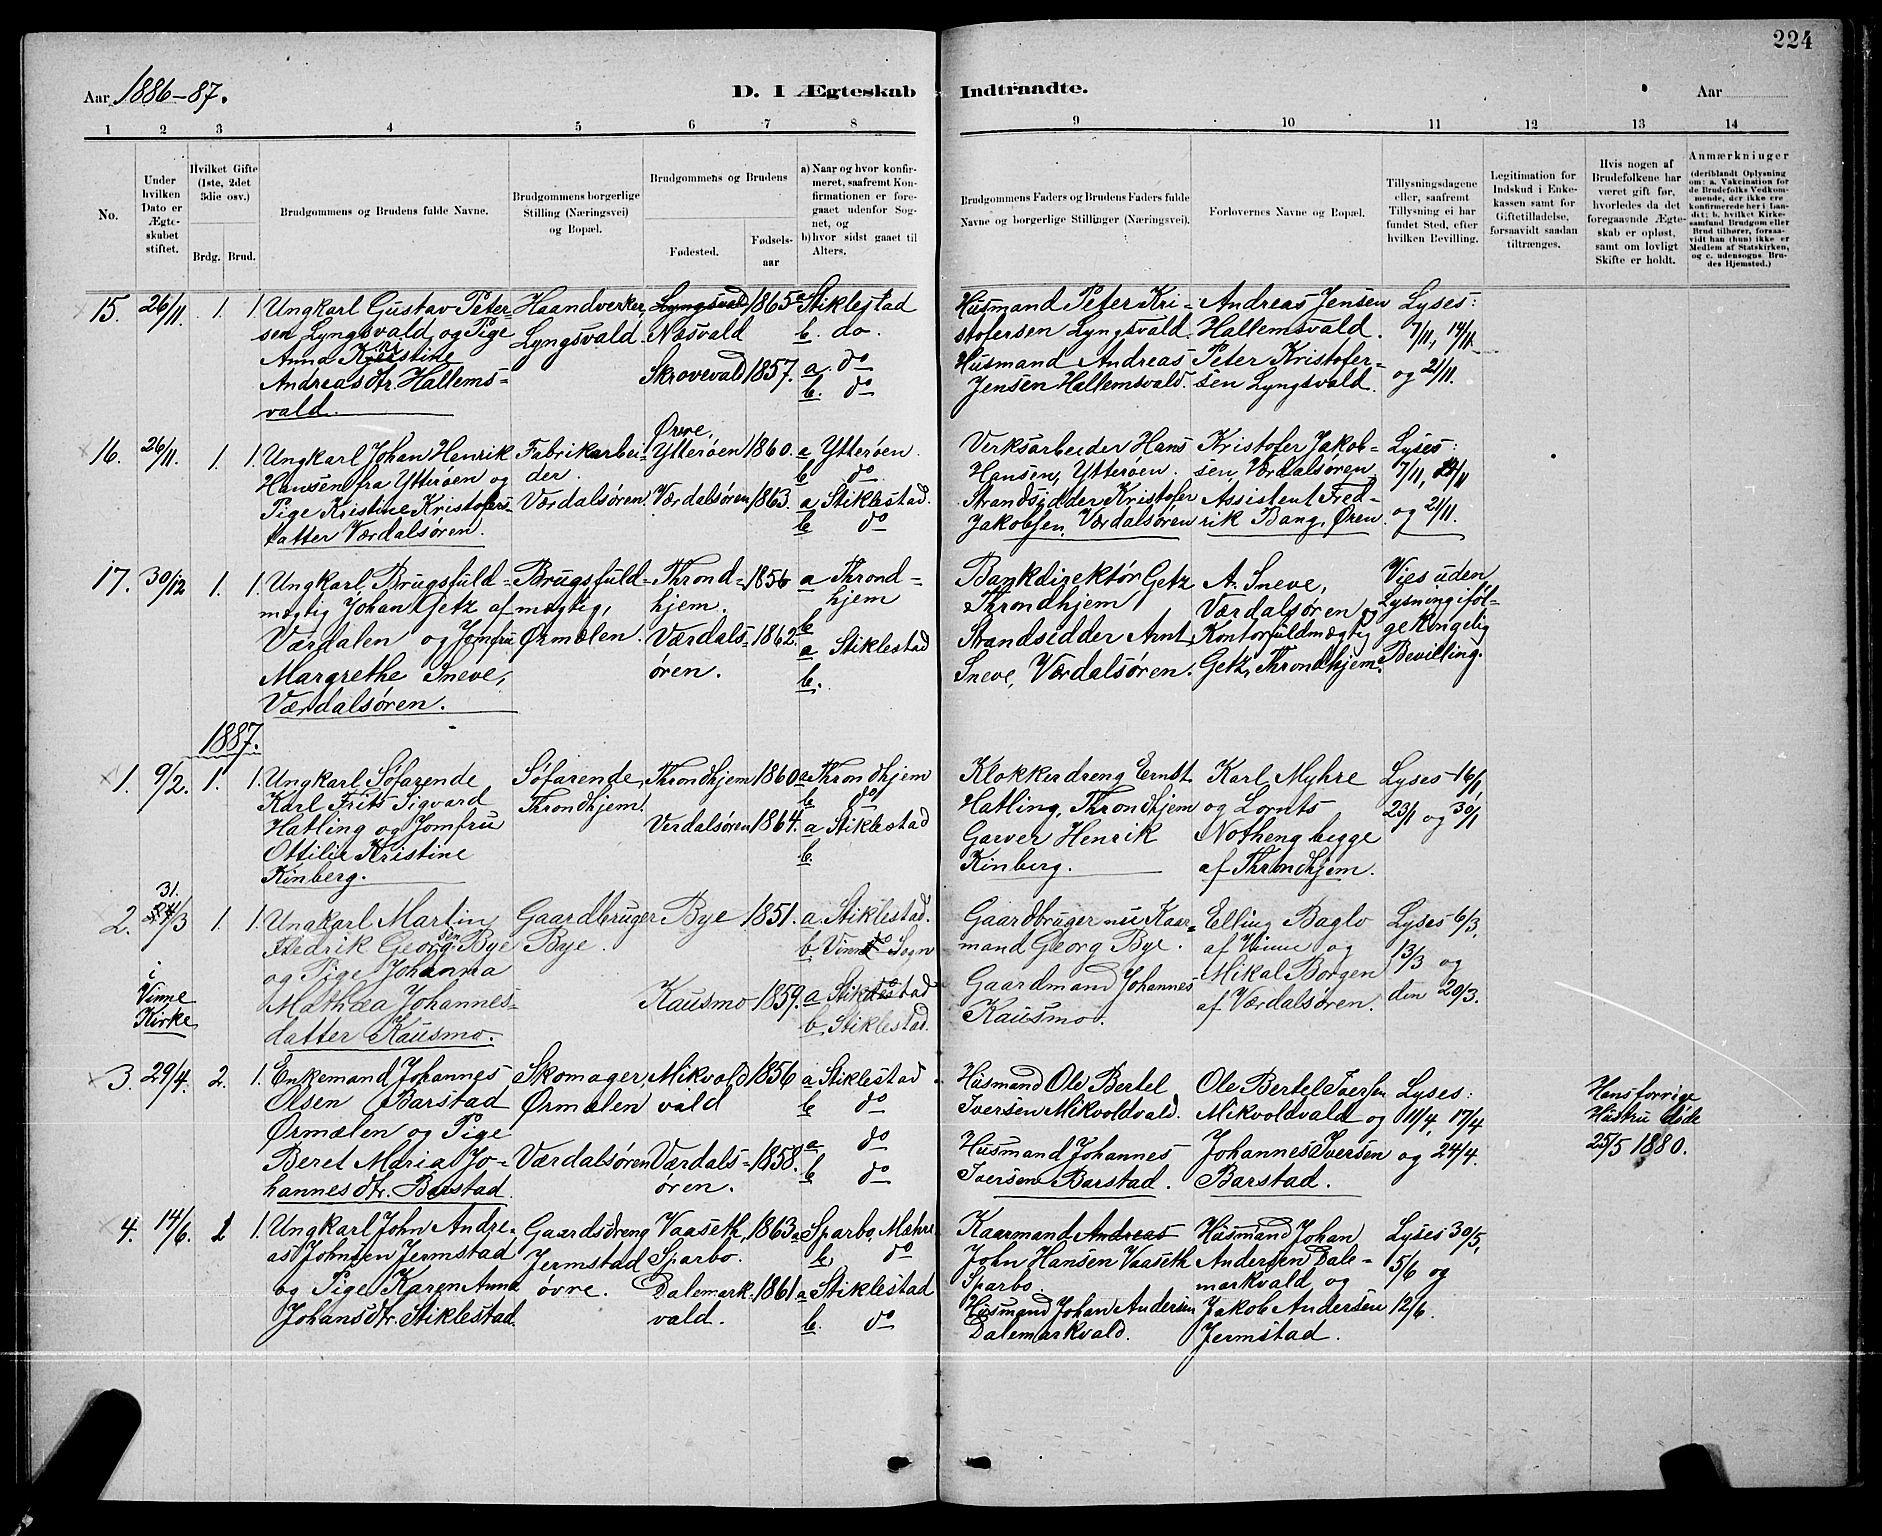 SAT, Ministerialprotokoller, klokkerbøker og fødselsregistre - Nord-Trøndelag, 723/L0256: Klokkerbok nr. 723C04, 1879-1890, s. 224